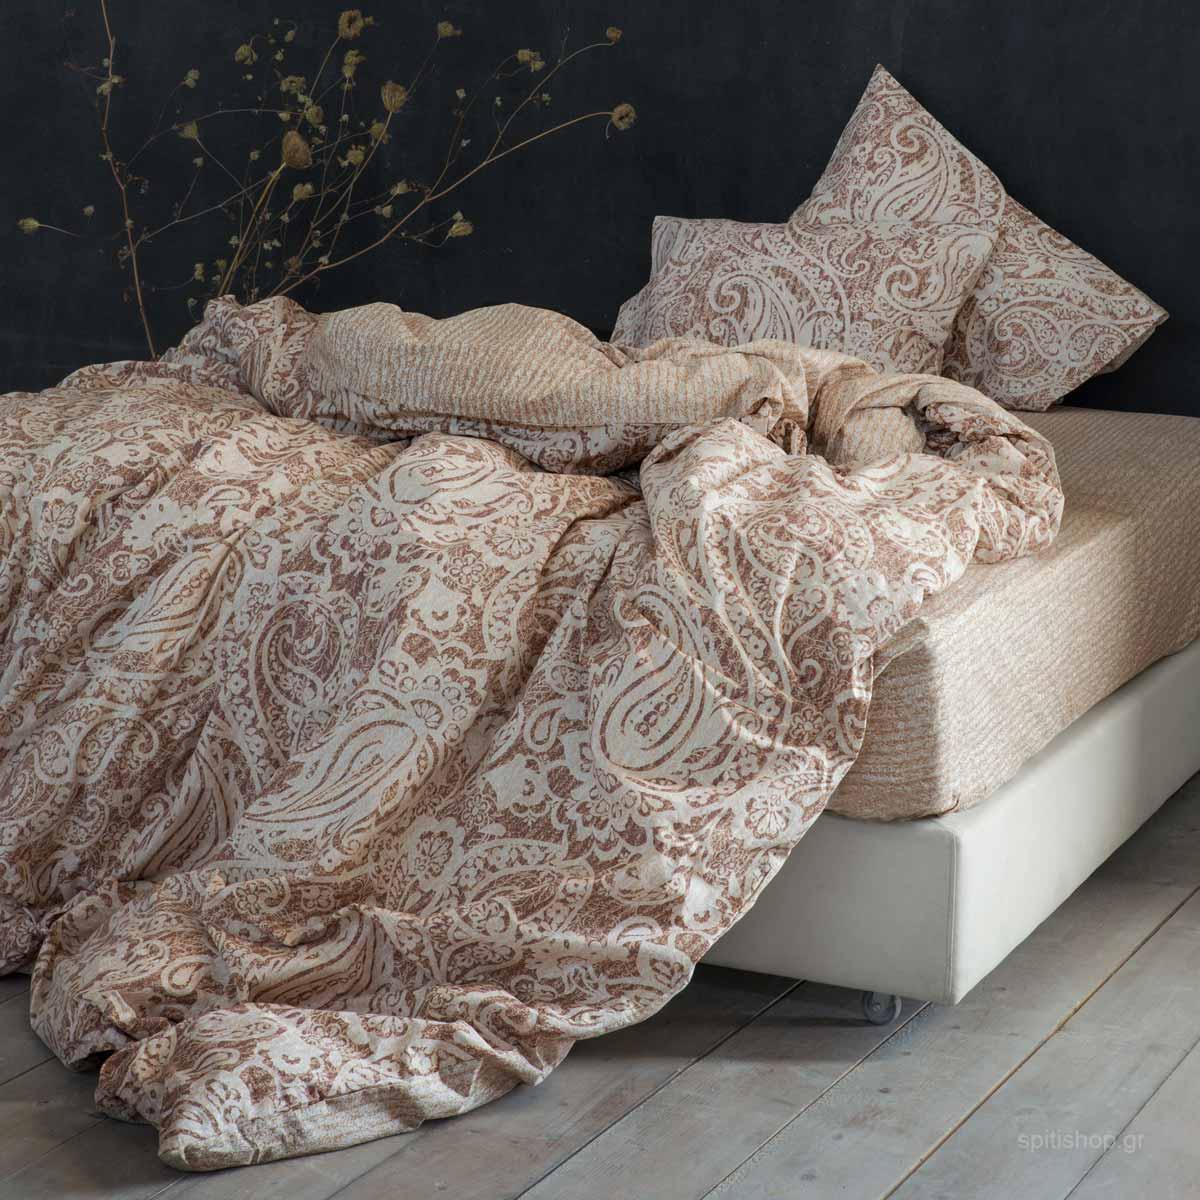 Σεντόνια Υπέρδιπλα (Σετ 240×260) Nima Bed Linen Idalia Beige ΧΩΡΙΣ ΛΑΣΤΙΧΟ 240×260 ΧΩΡΙΣ ΛΑΣΤΙΧΟ 240×260